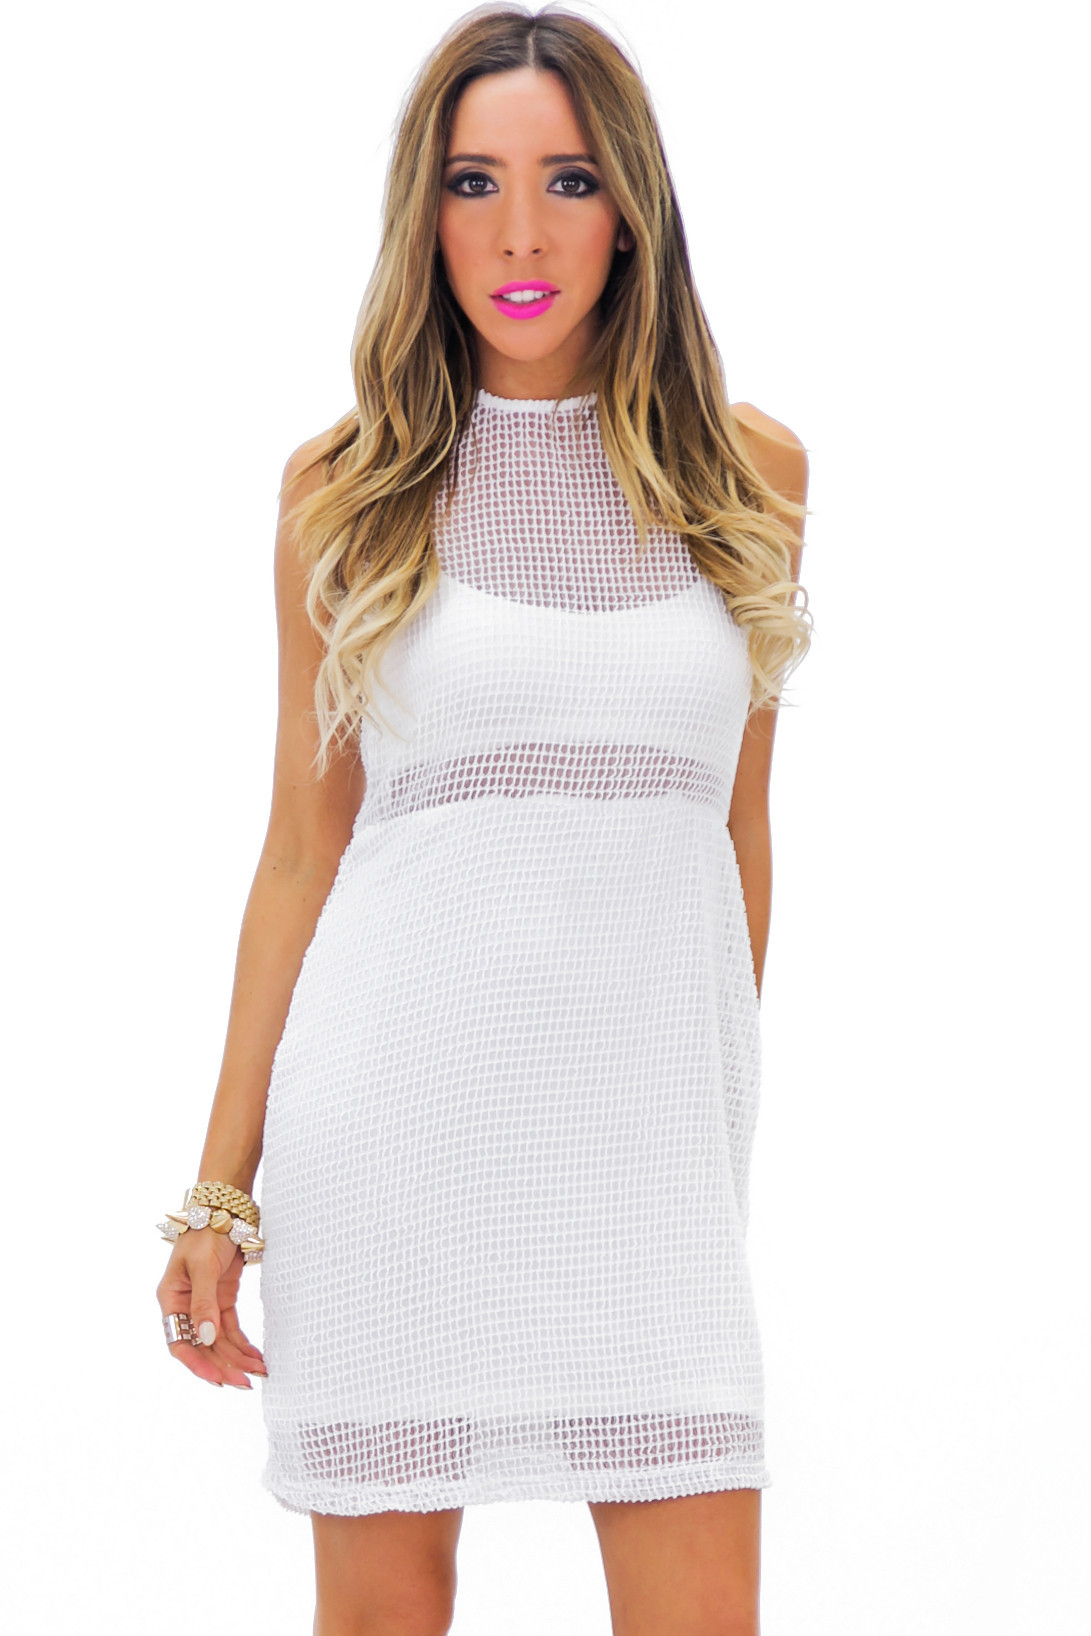 Heckford mesh mini dress